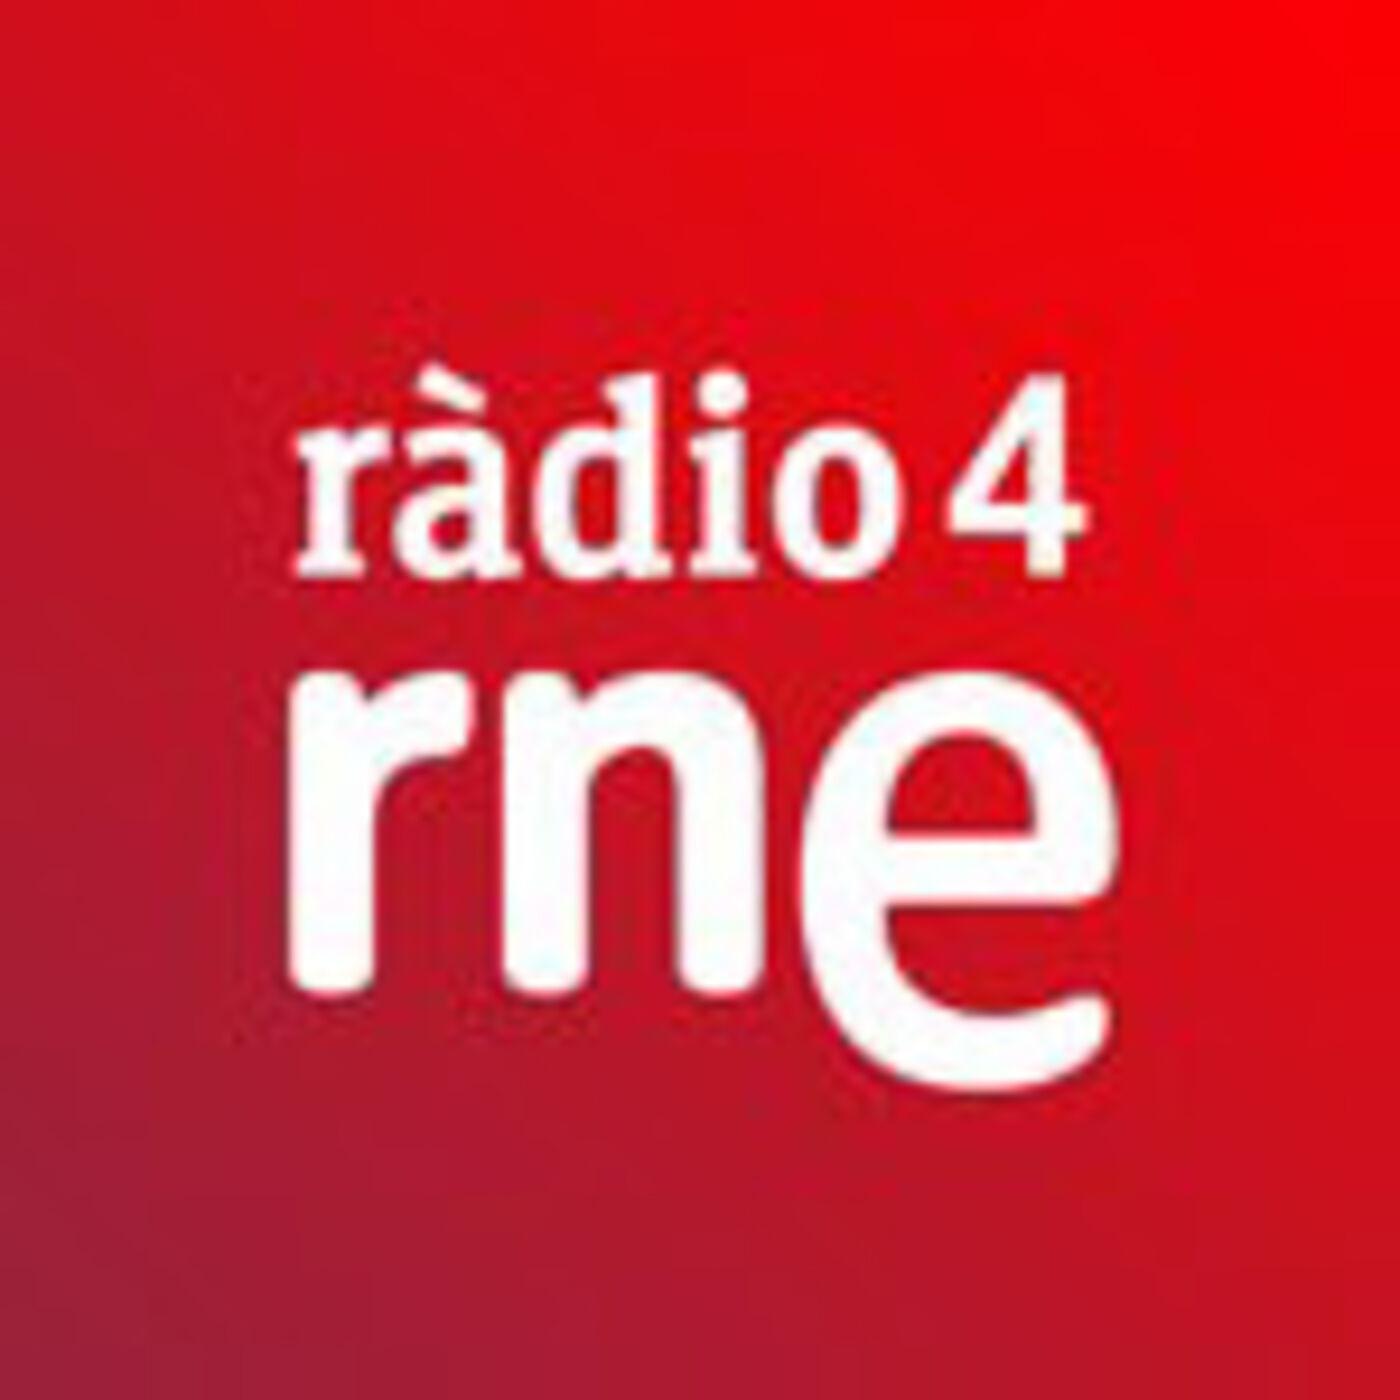 Cal preparar-se per dirigir una empresa esportiva? Entrevista a Ràdio 4-TVE amb Xavier Triadó (àudio en Català)